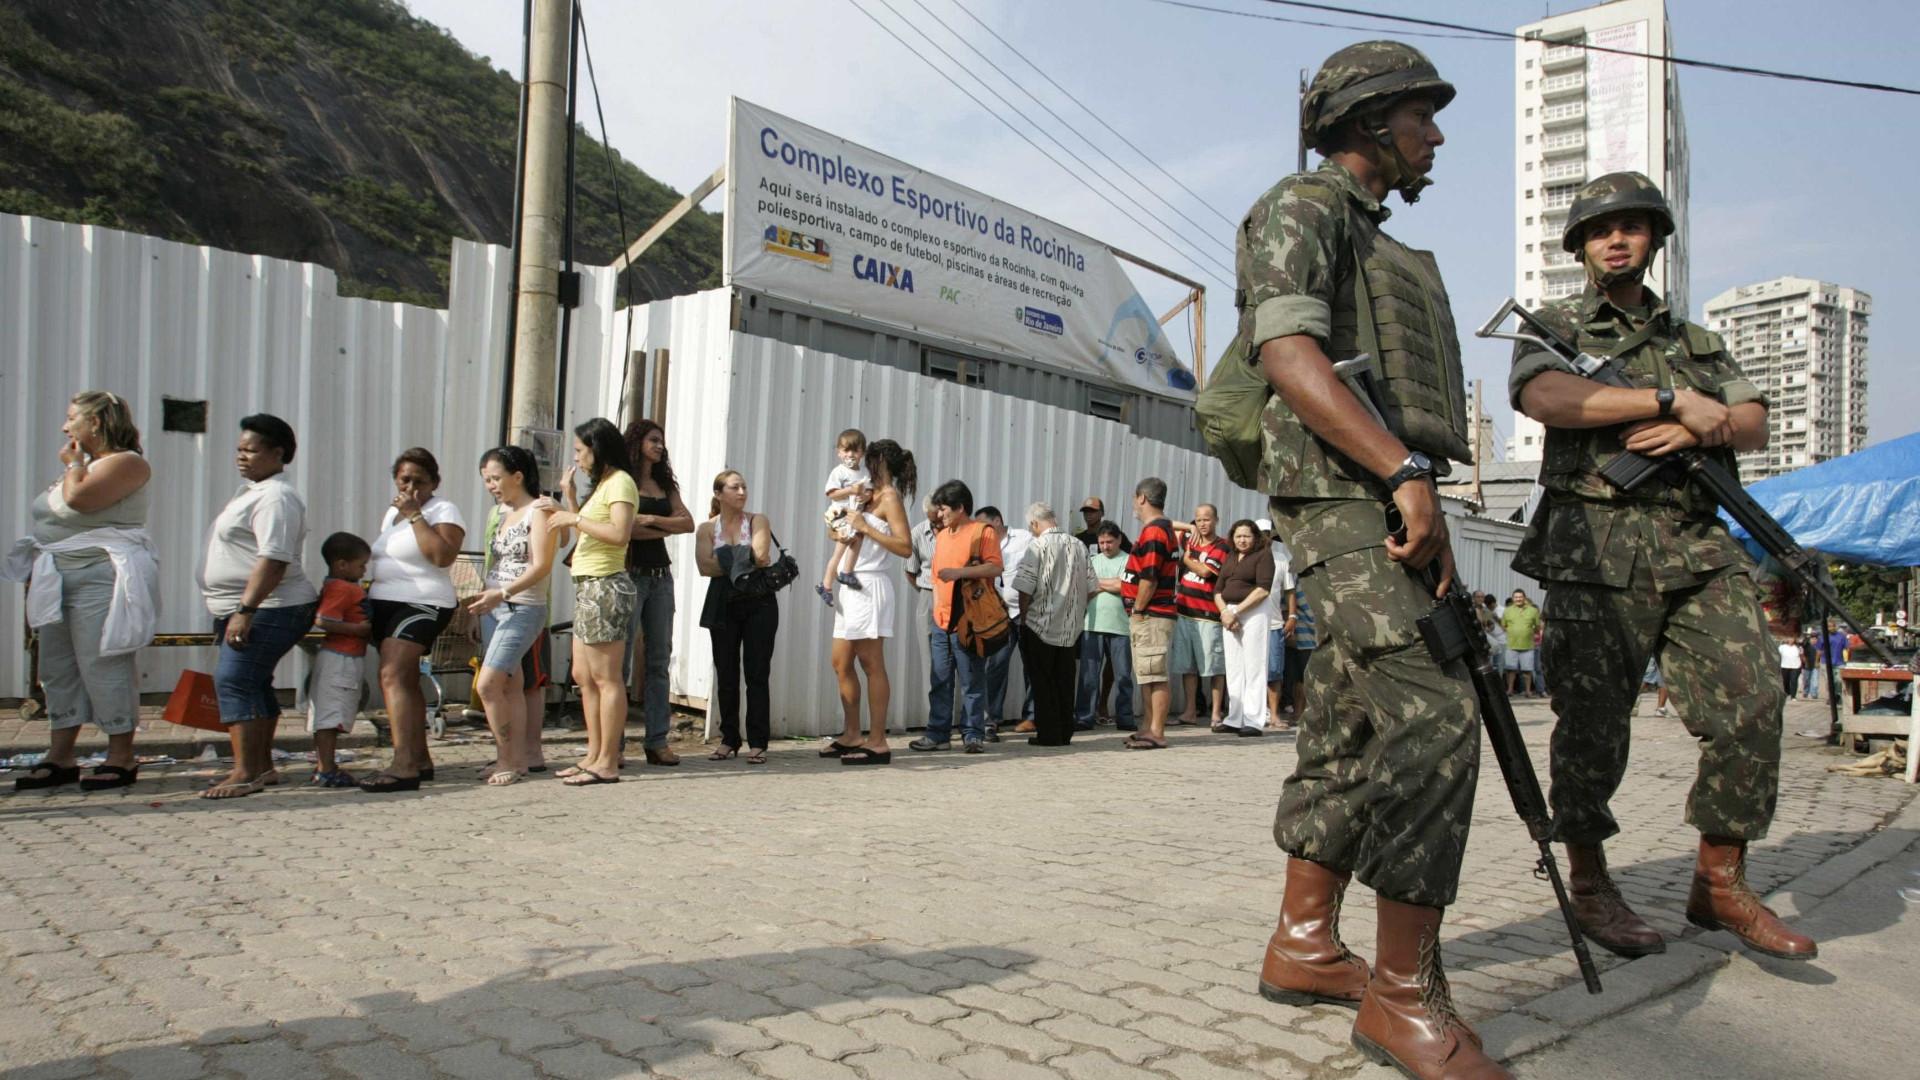 TREvai pedir reforço de tropas federais para as eleições no Rio